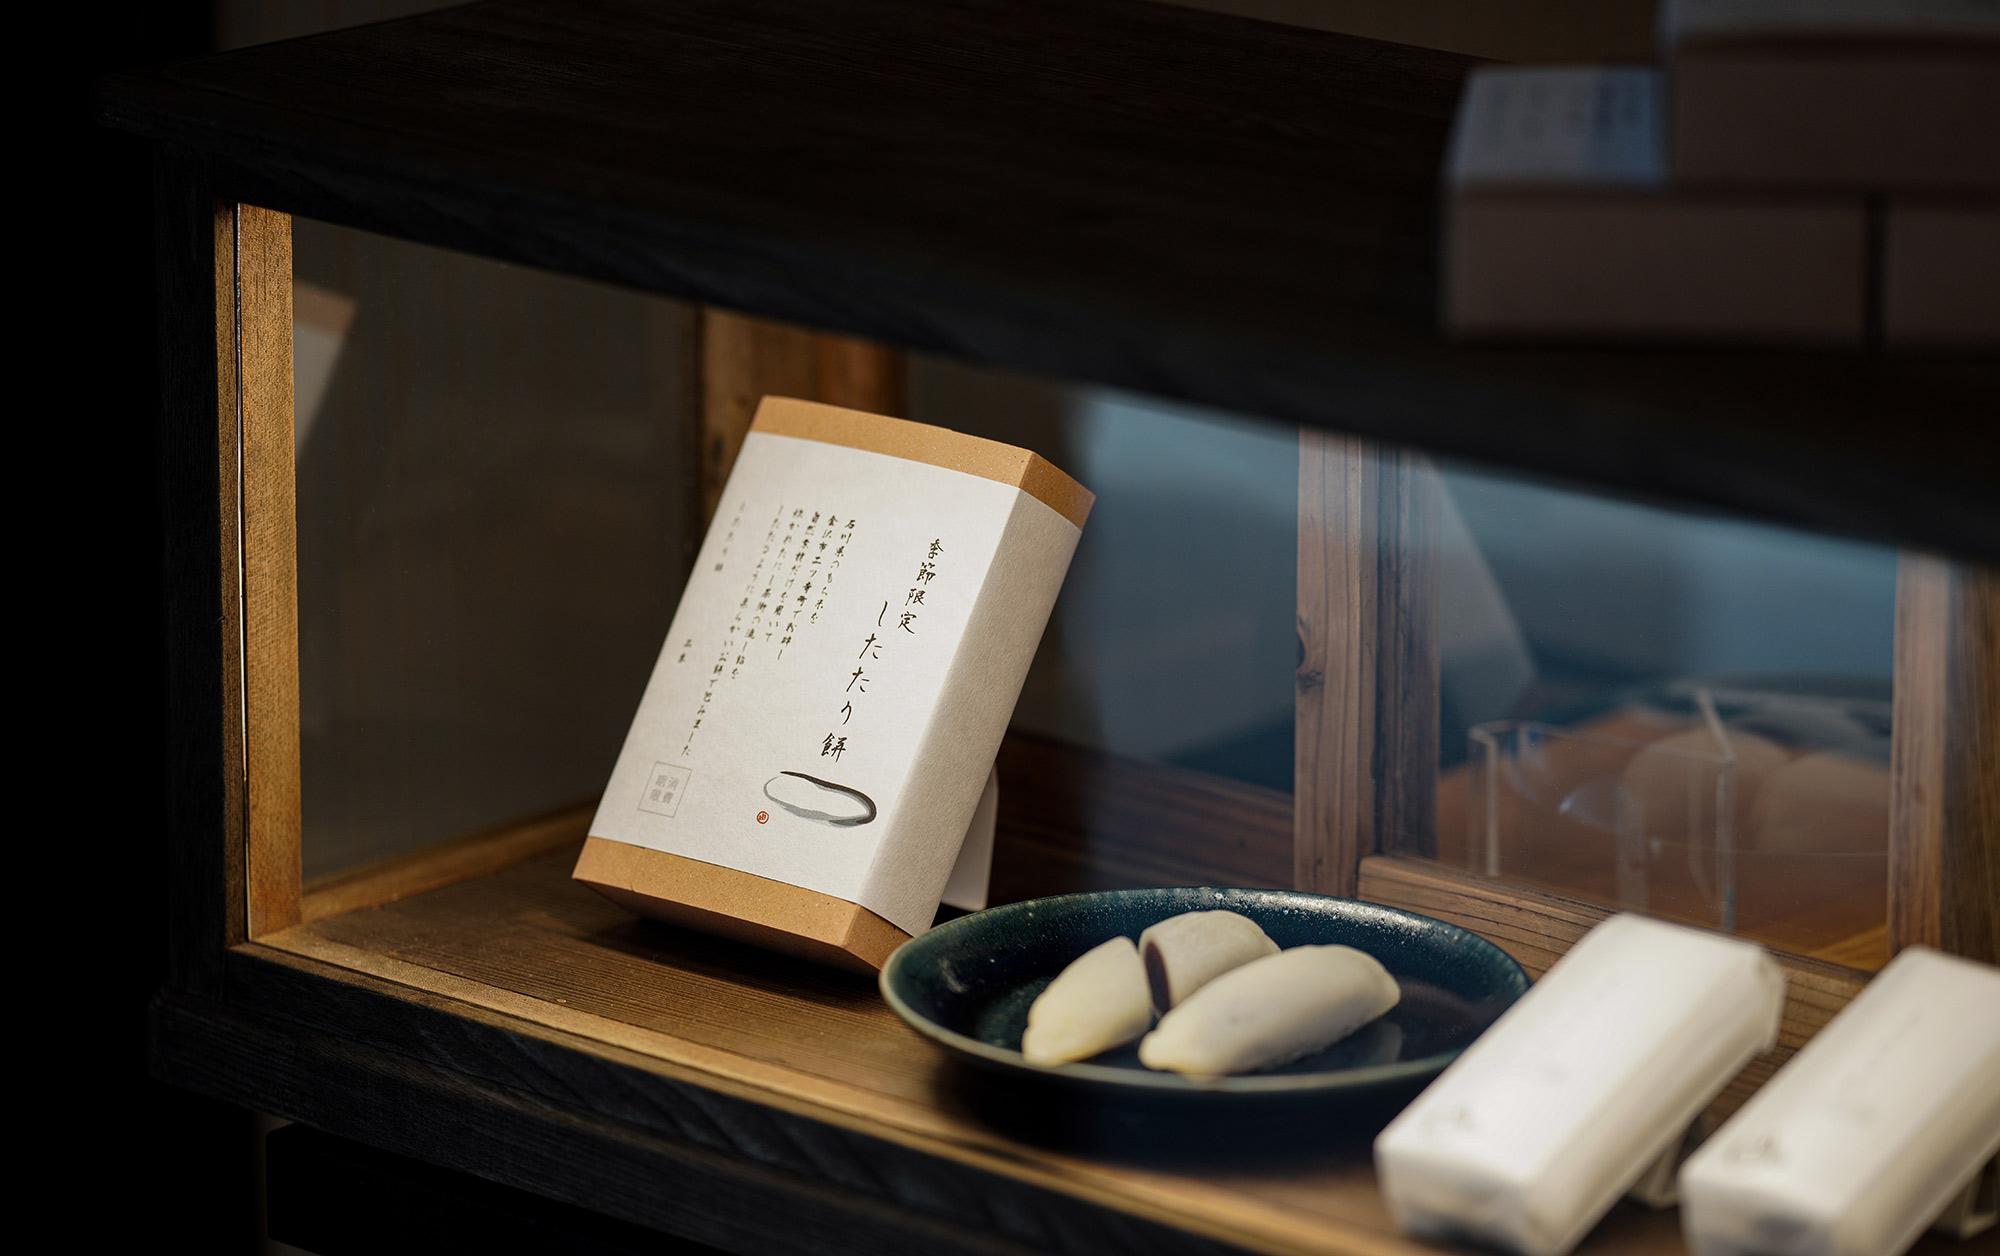 甘納豆かわむらの画像です。